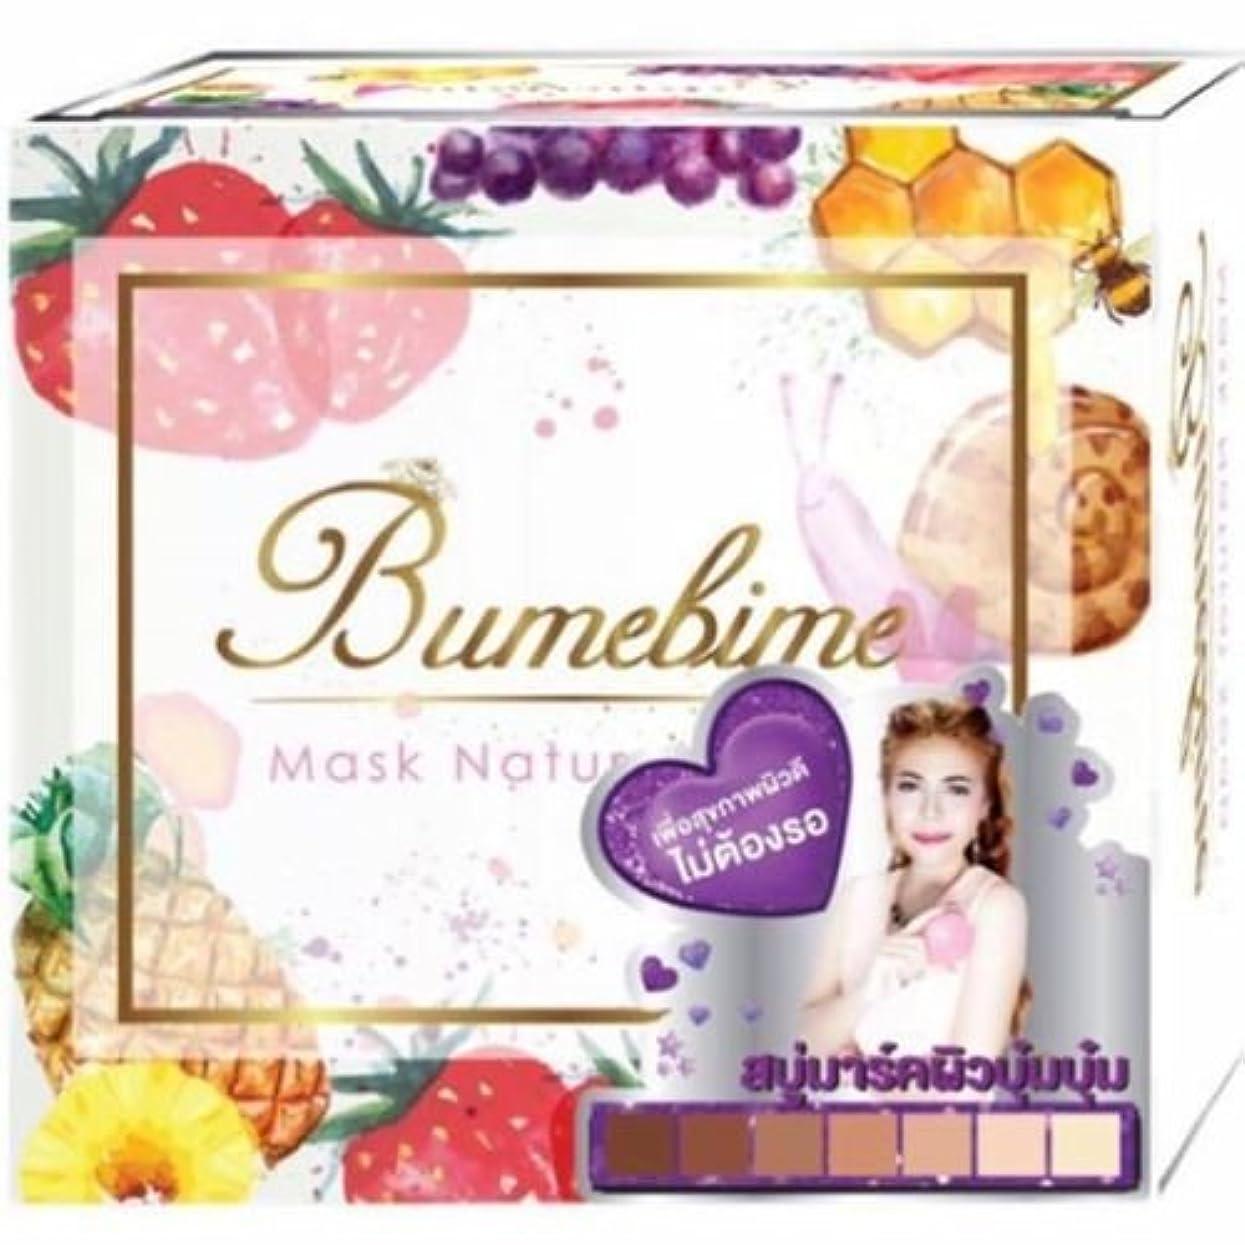 花物理学者生産性(1 x 100 g) bumebimeマスクNatural SoapスキンボディWhitening byトリプルW Shop